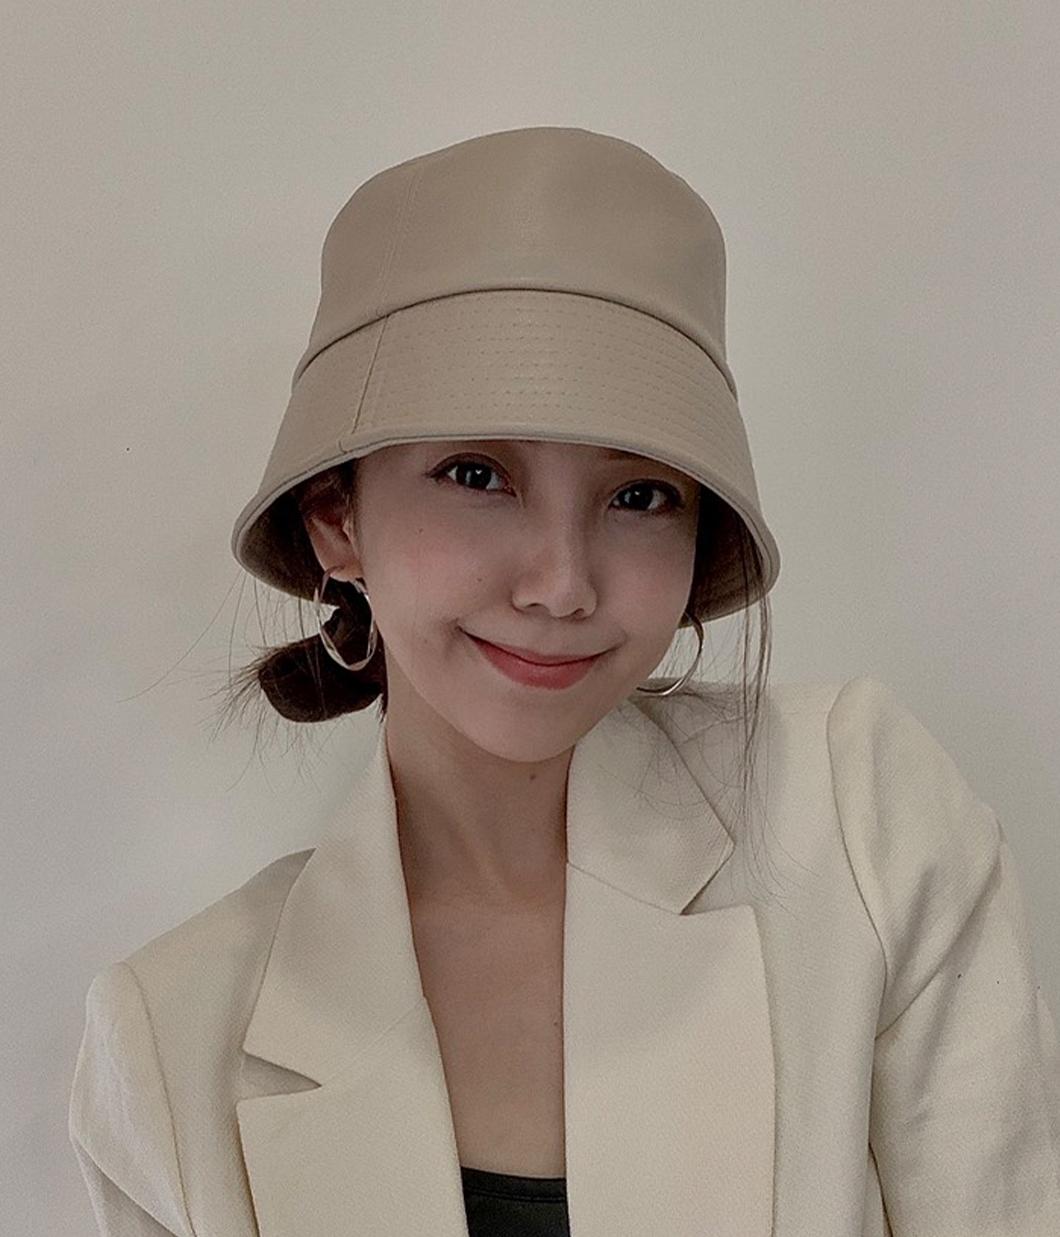 44.就是要個性的帥氣皮革漁夫帽